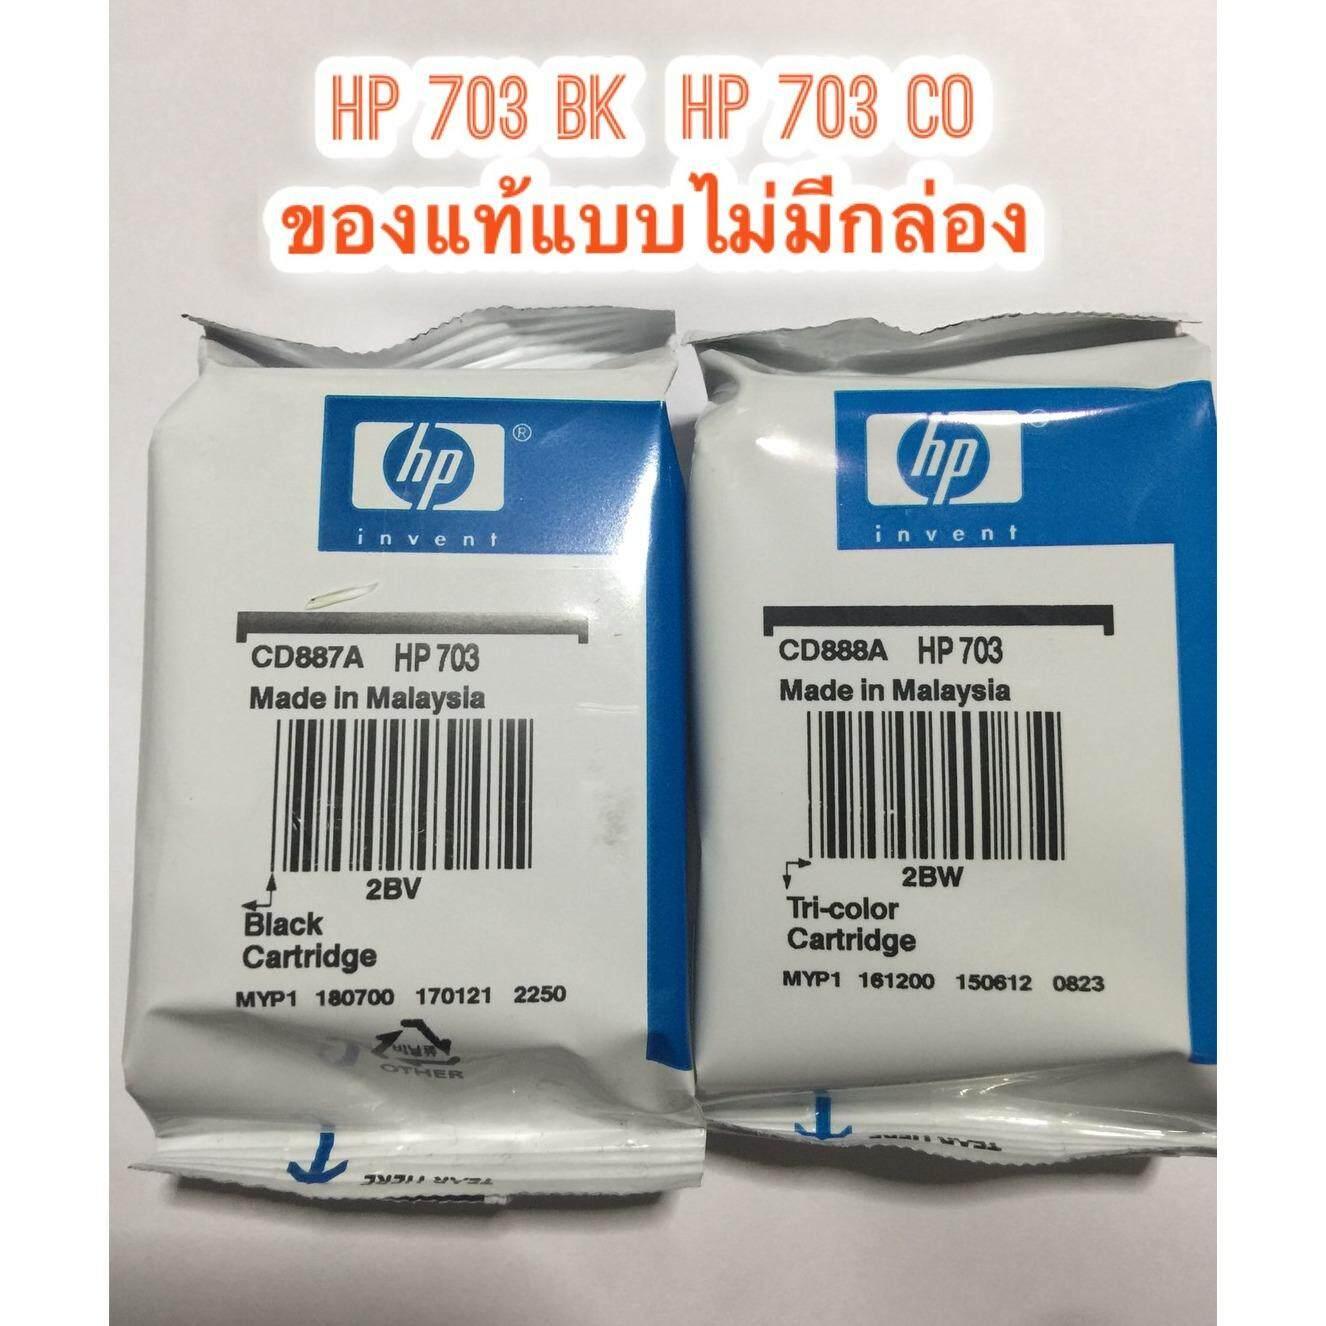 ราคา Hp 703 Cd887Aa Black Hp 703 Cd888Aa Tri Color แบบไม่มีกล่อง No Box ราคาถูกที่สุด